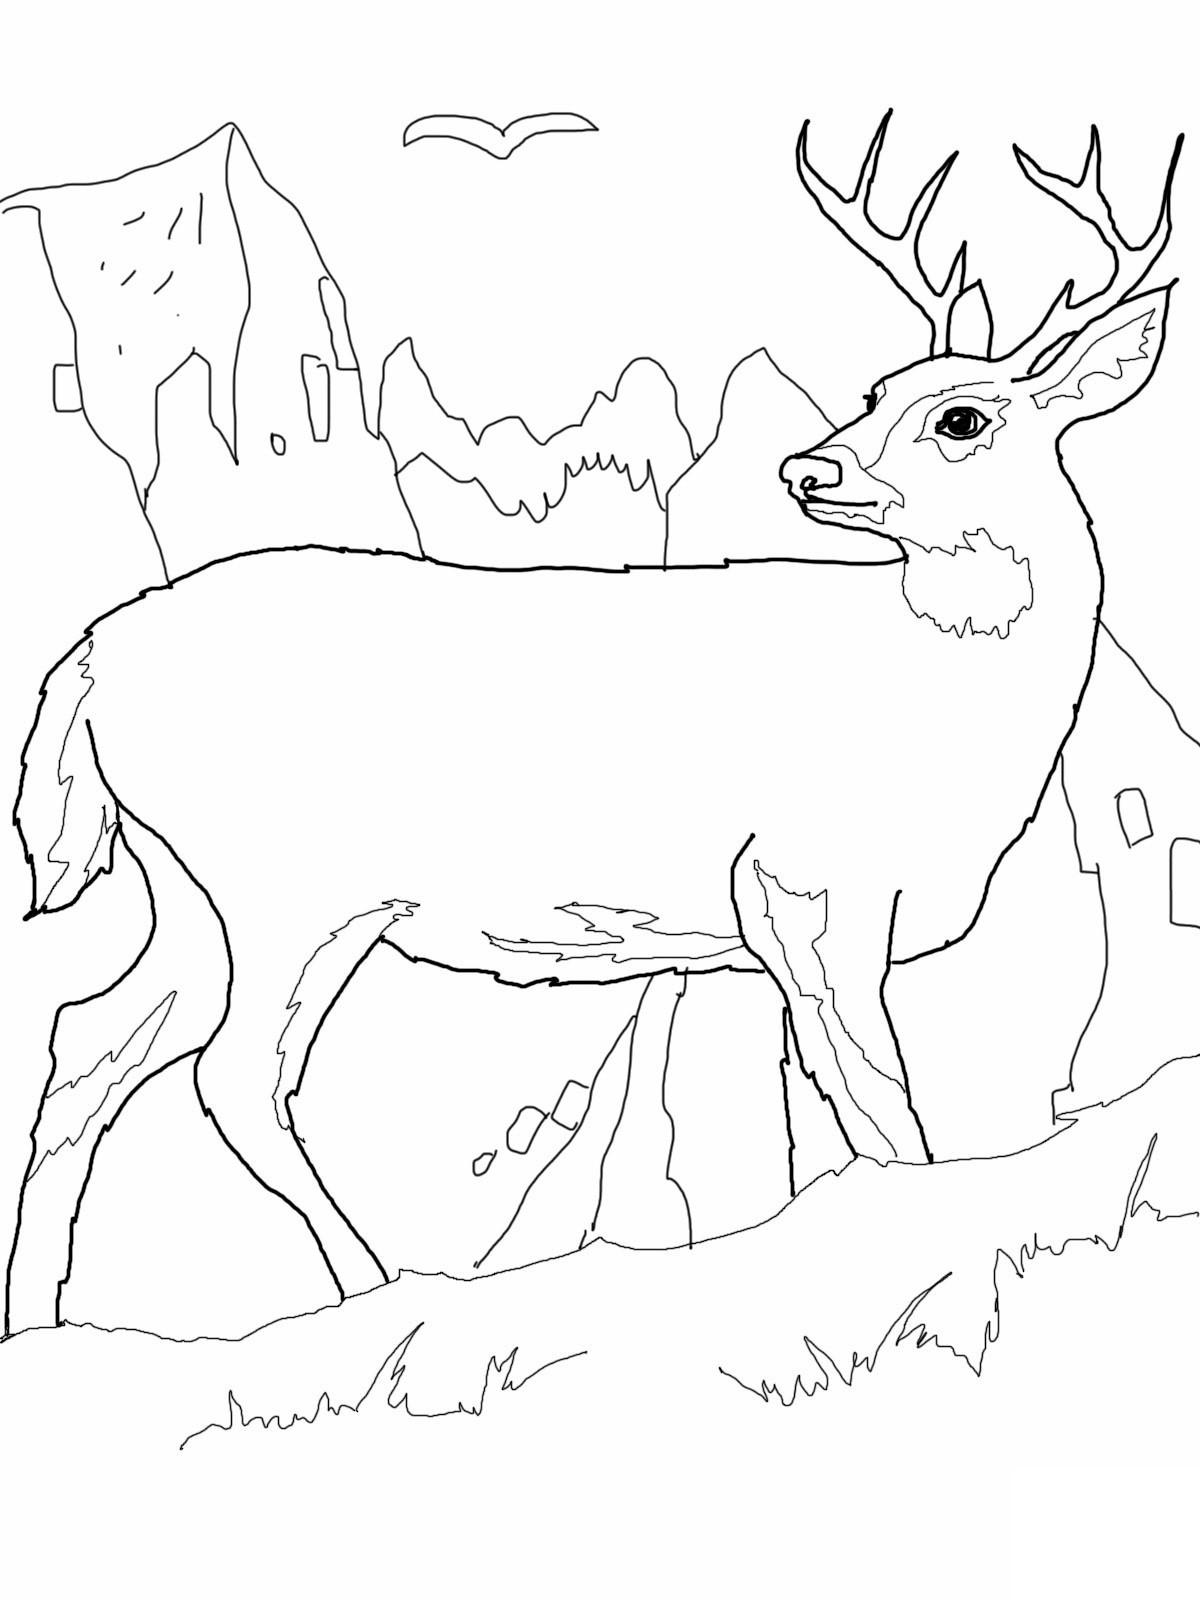 ОЛЕНЬ | Раскраски для детей распечатать бесплатно в формате А4